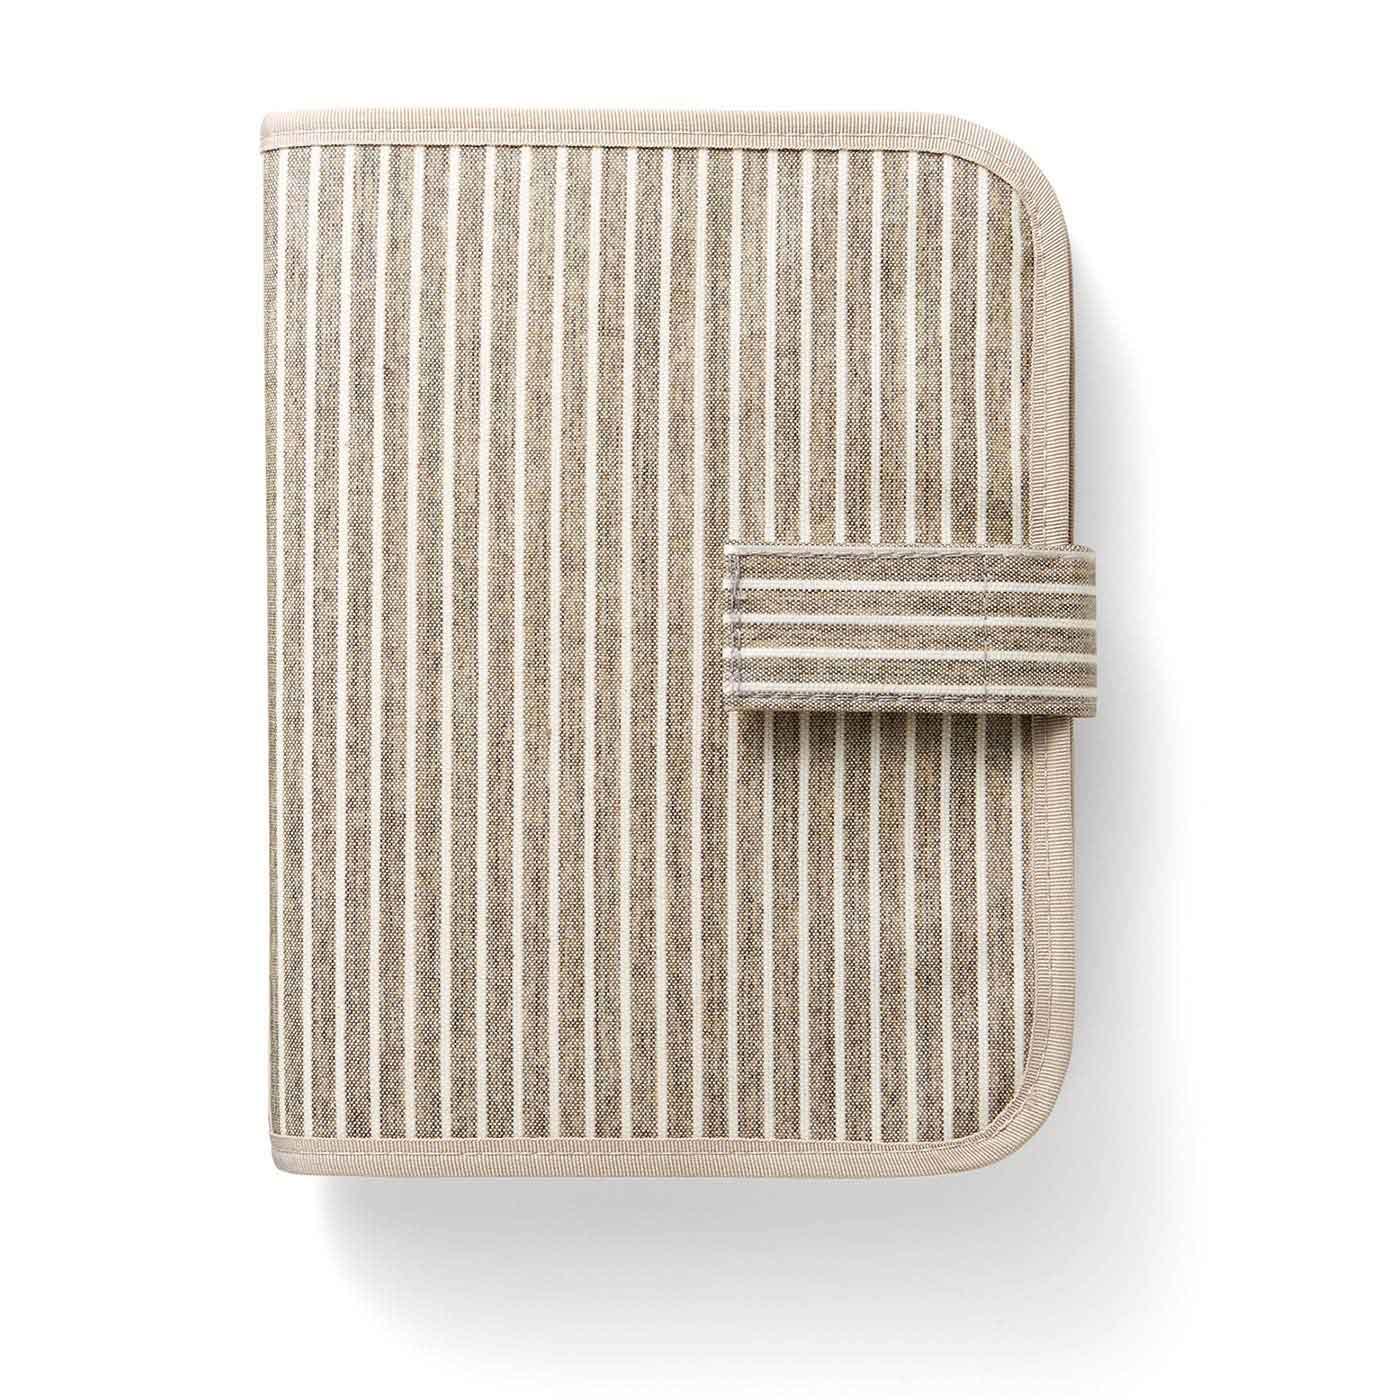 ベージュ 表側は汚れてもふき取りやすいオレフィン系樹脂加工。